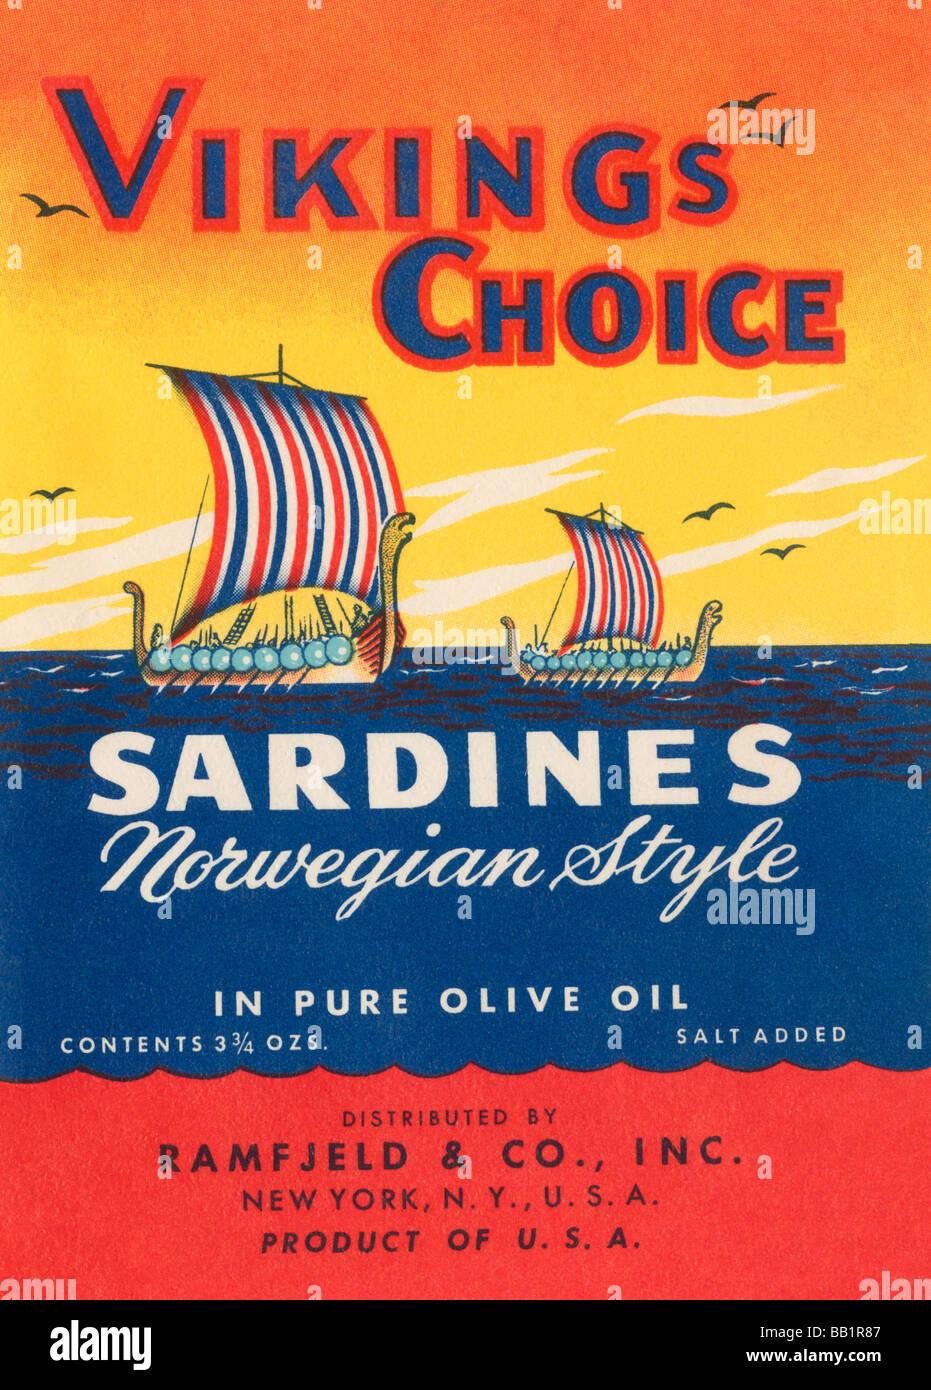 Vikings Choice Sardines - Stock Image